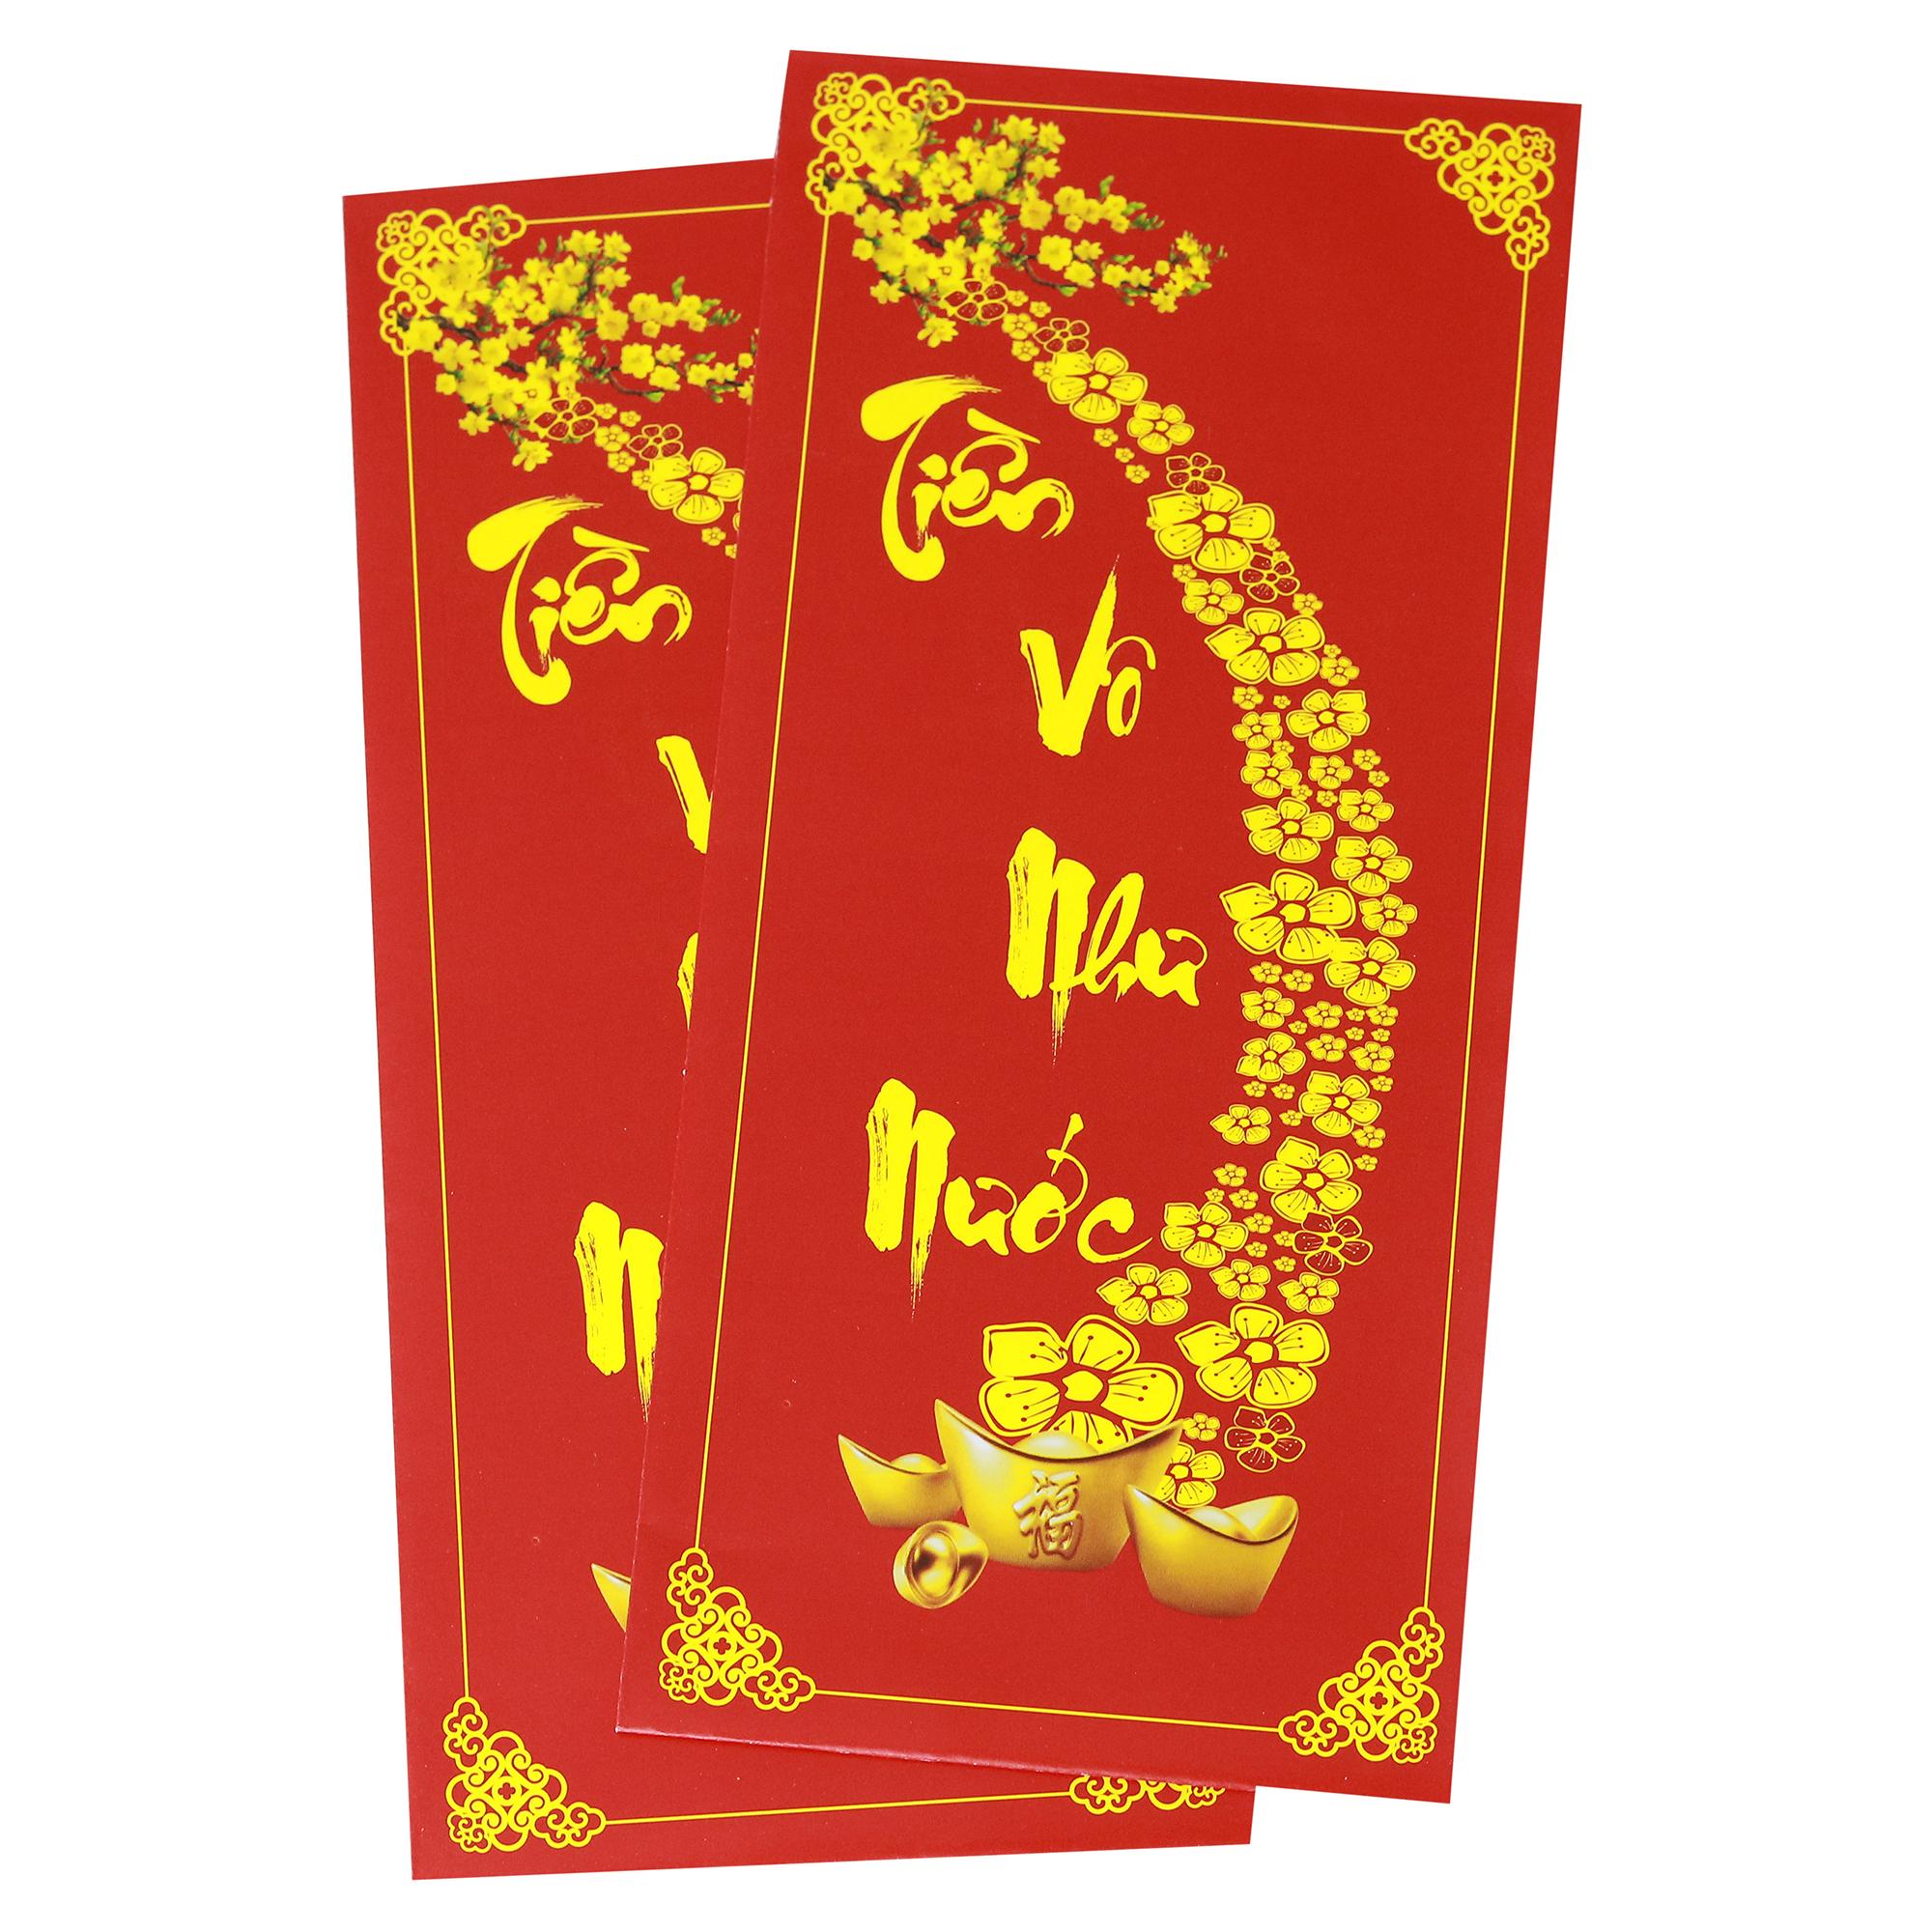 Bao Lì Xì Đỏ Chúc Mừng Năm Mới - Tiền Vô Như Nước (10 Cái)